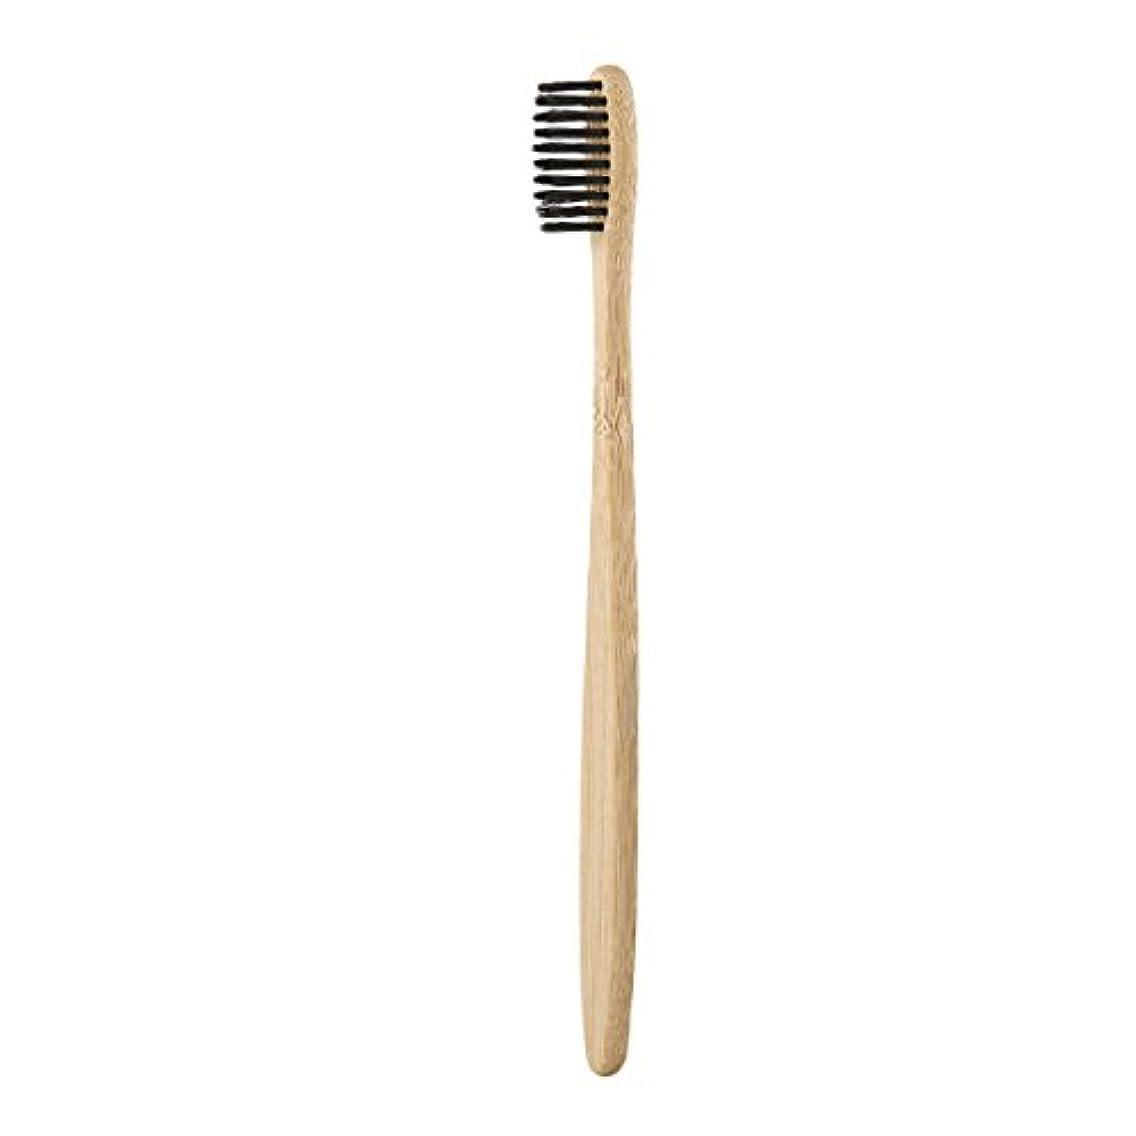 頑丈ほかにエゴマニア手作りの快適な環境に優しい環境歯ブラシ竹ハンドル歯ブラシ炭毛健康オーラルケア-ウッドカラー